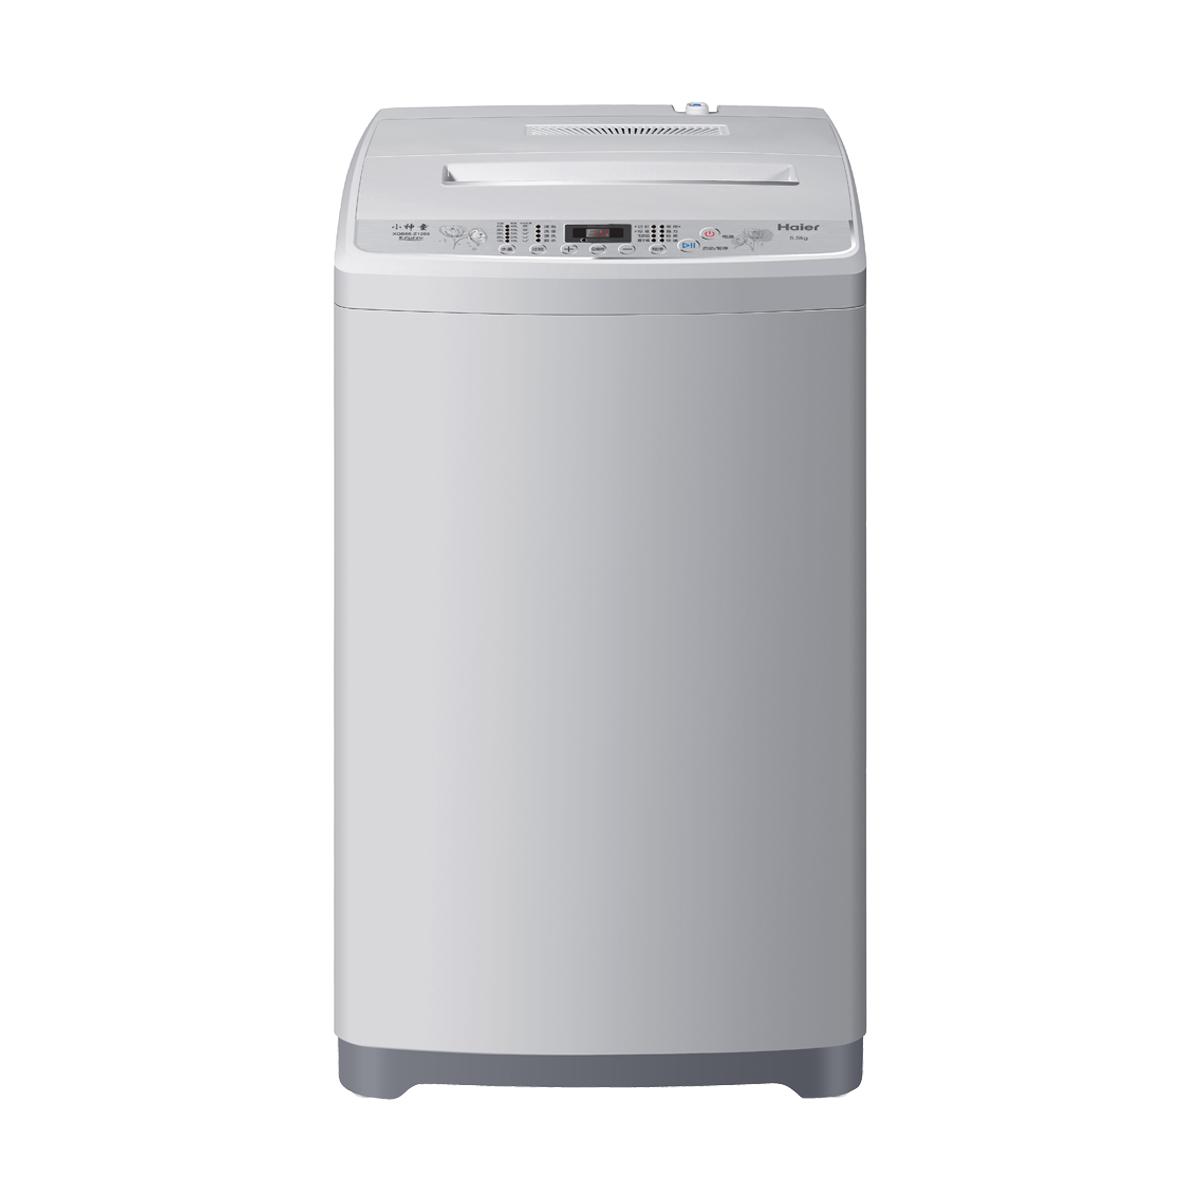 海尔Haier洗衣机 XQB55-Z1269 说明书